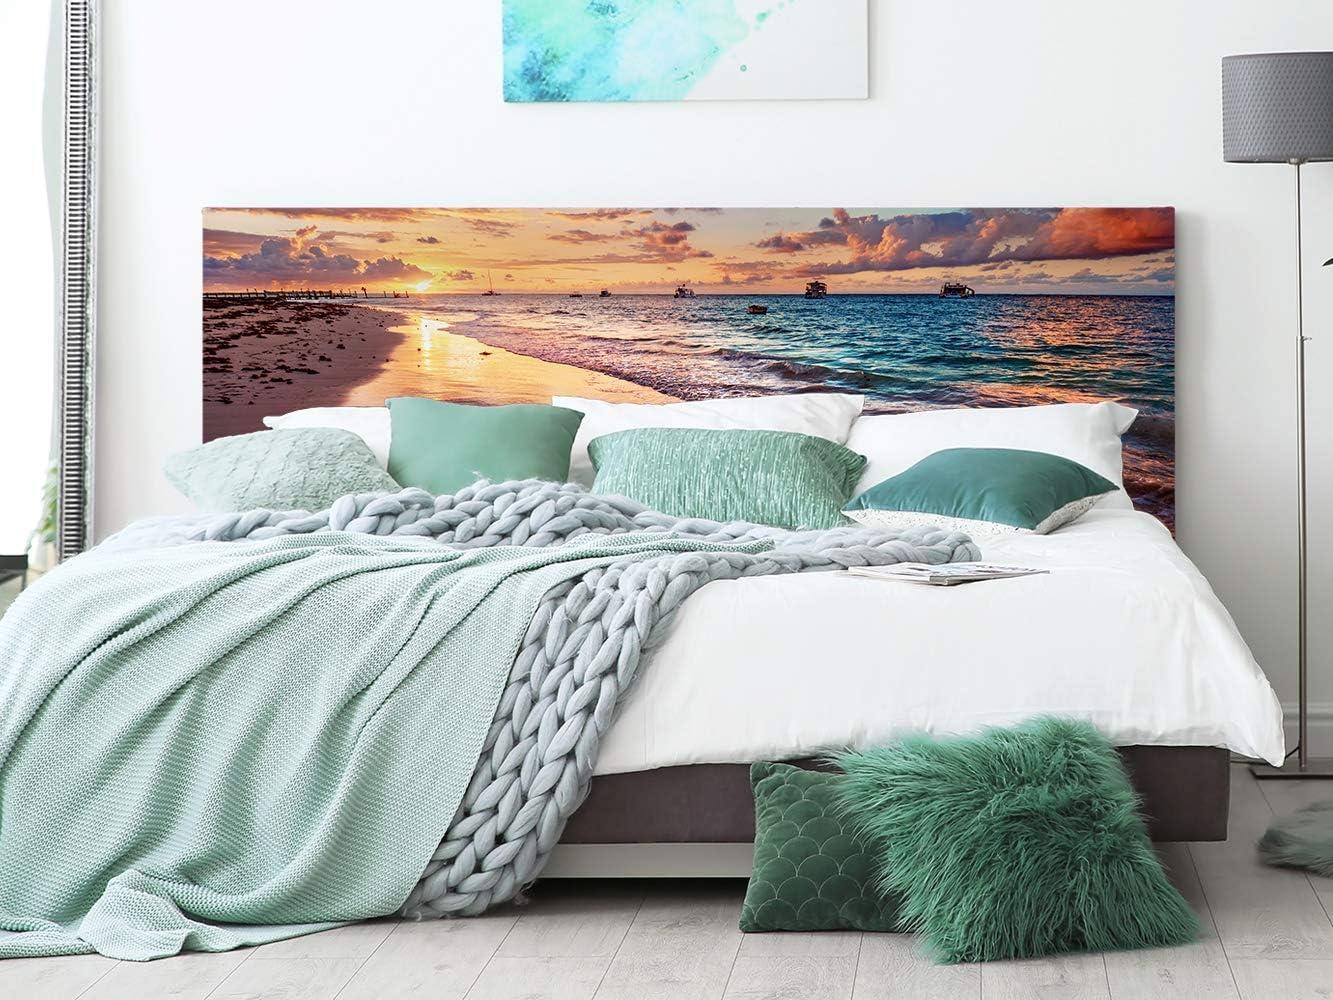 Cabecero Cama PVC Playa 135x60cm | Disponible en Varias Medidas | Cabecero Ligero, Elegante, Resistente y Económico